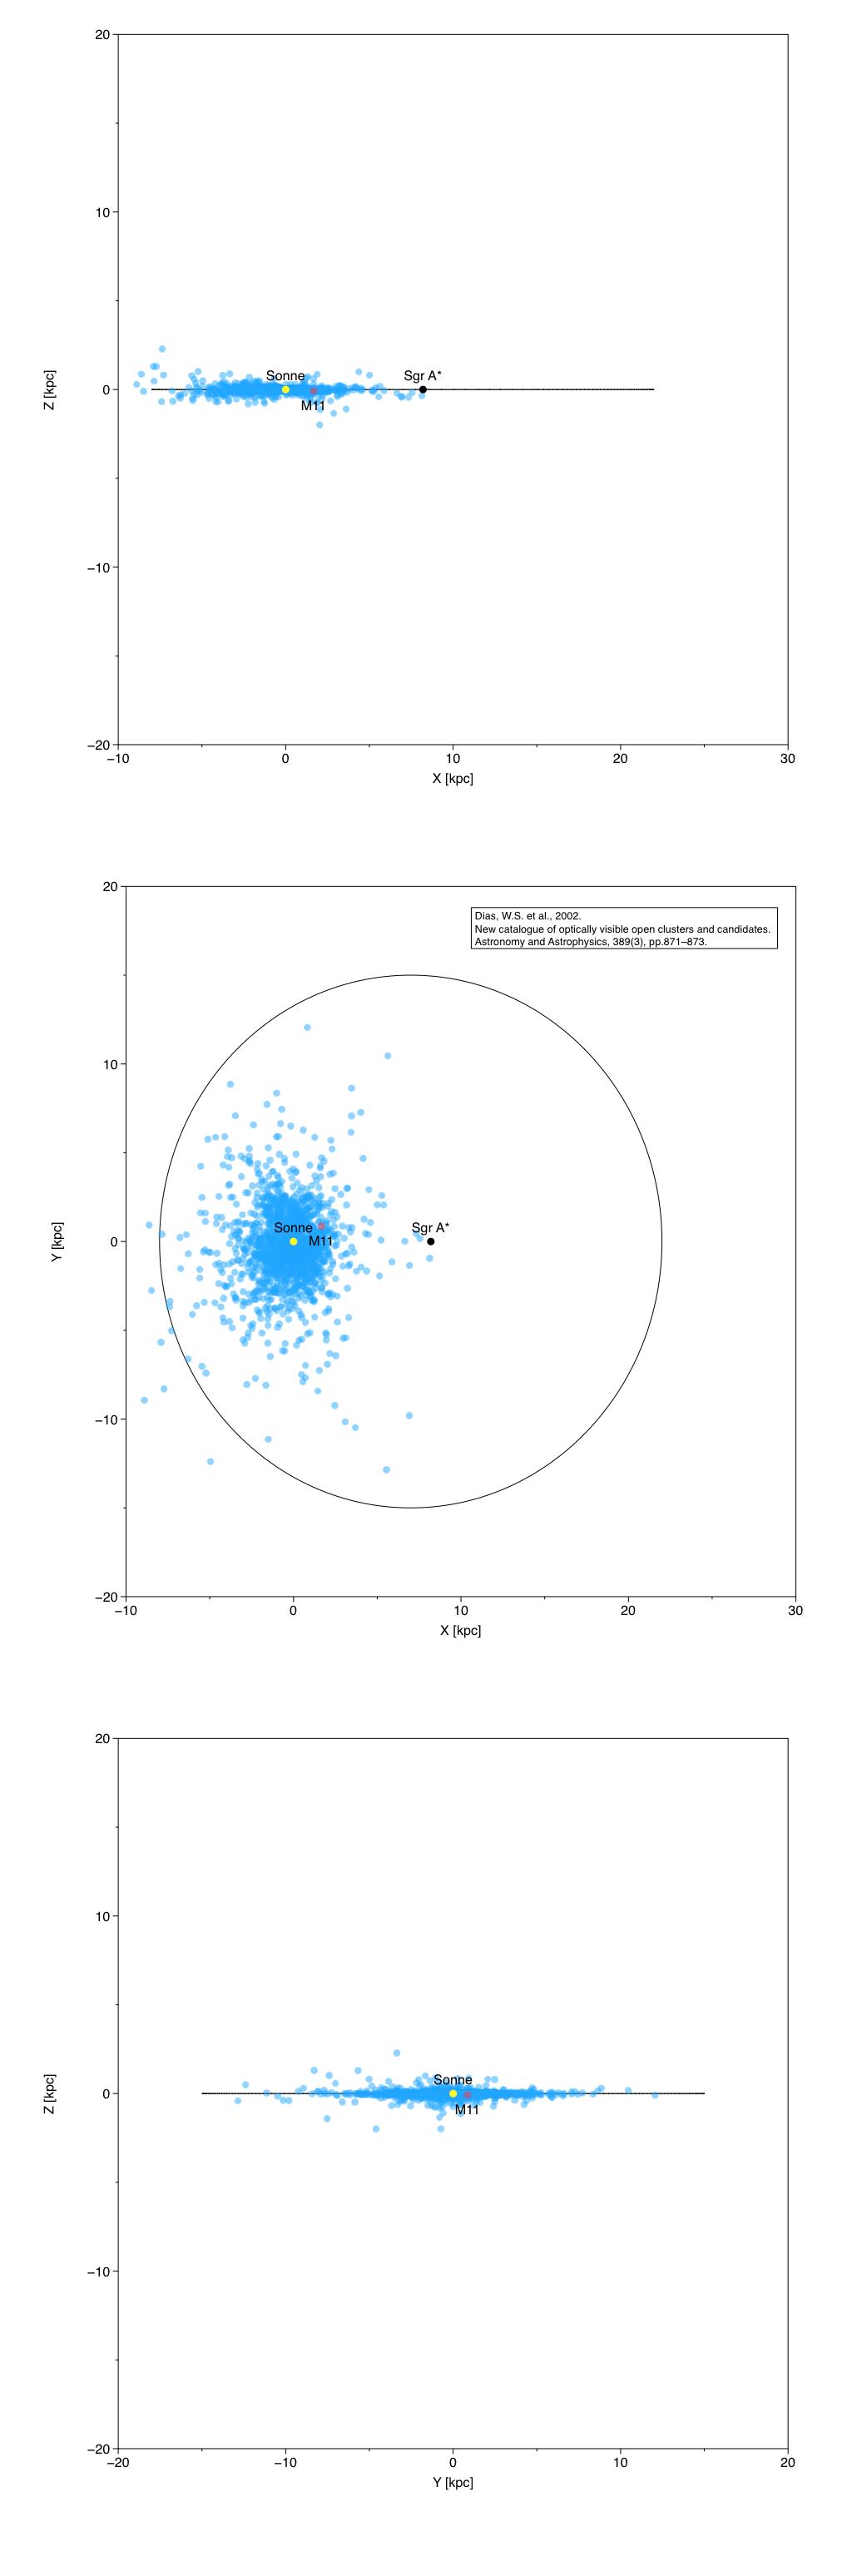 Die Position vom M11 (rot) innerhalb der Milchstrasse. Sonne (gelb), Zentrum der Milchstraße (schwarz), andere offene Sternhaufen (blau). Die Milchstraße wird durch einen erweiterten Kreis mit einem Durchmesser von 30 kpc angedeutet. Die x-Achse zeigt Richtung des Zentrum und die y-Achse in Richtung der Rotation der Milchstraße, die z-Achse weist auf den galaktischen Nordpol.